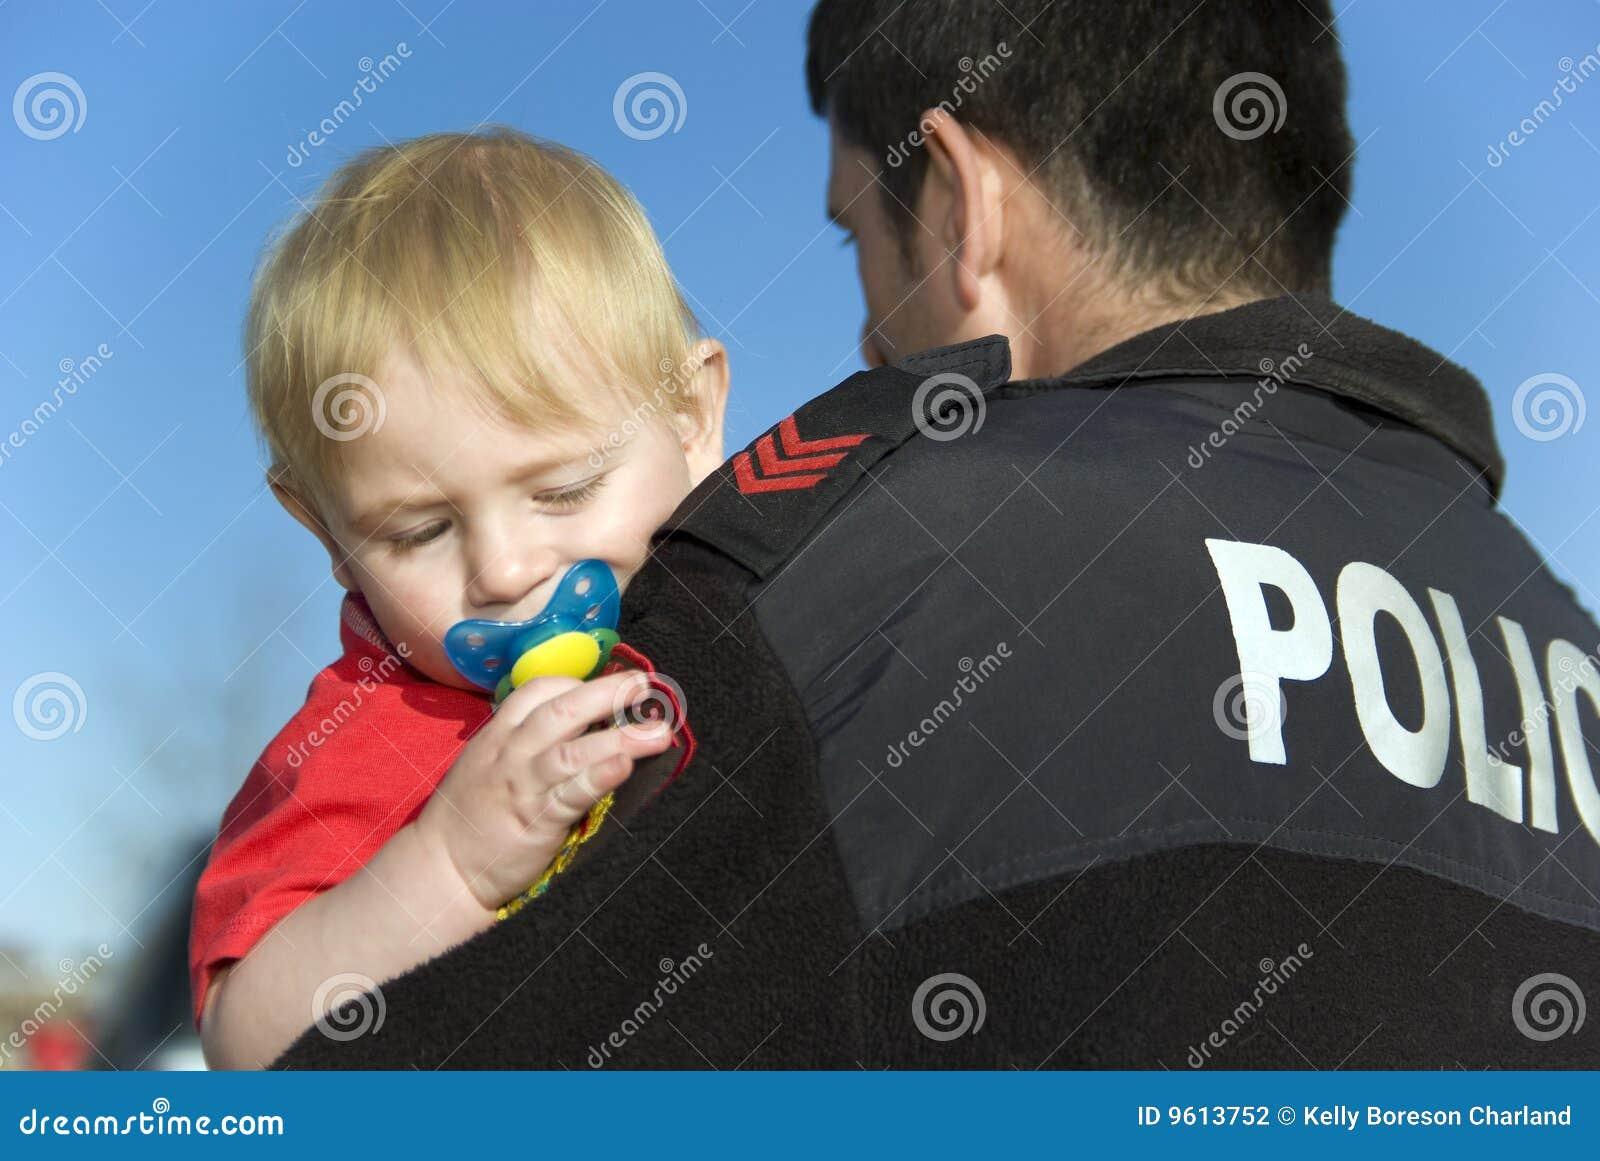 O oficial de polícia prende o bebê